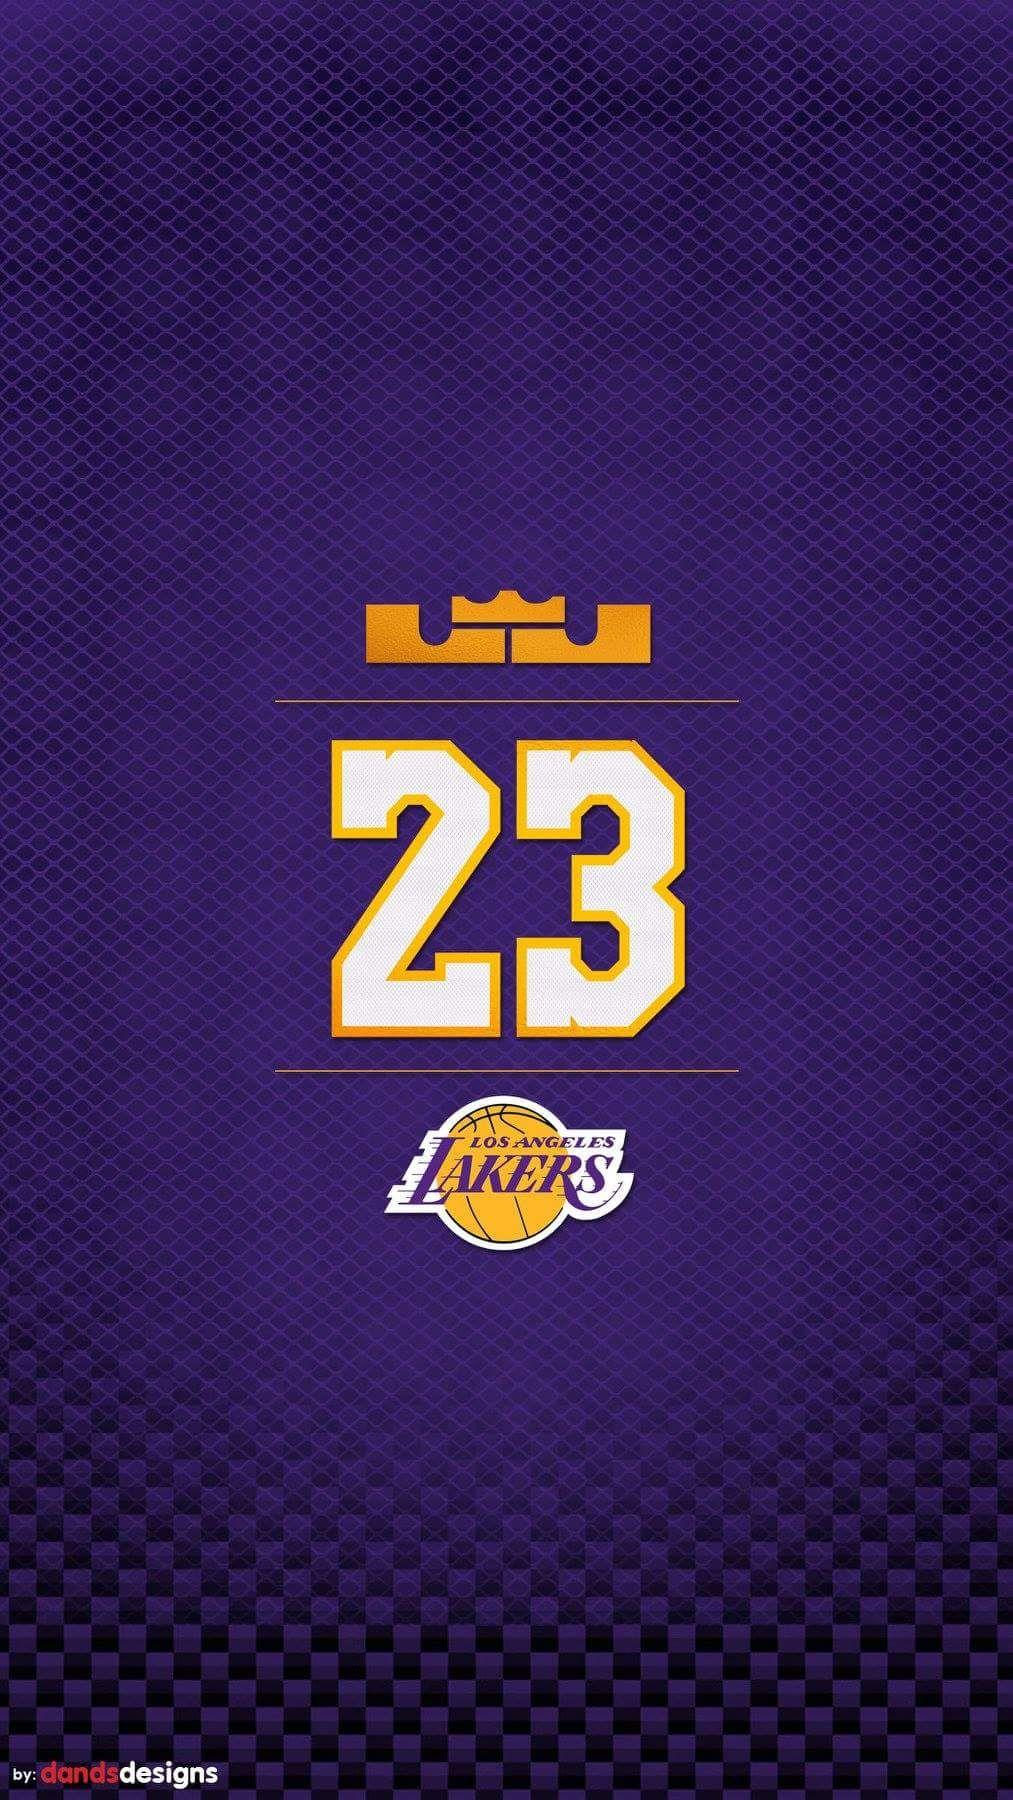 31ce0993afa01 La Nba, La Lakers, Lebron James Lakers, King Lebron James, King James